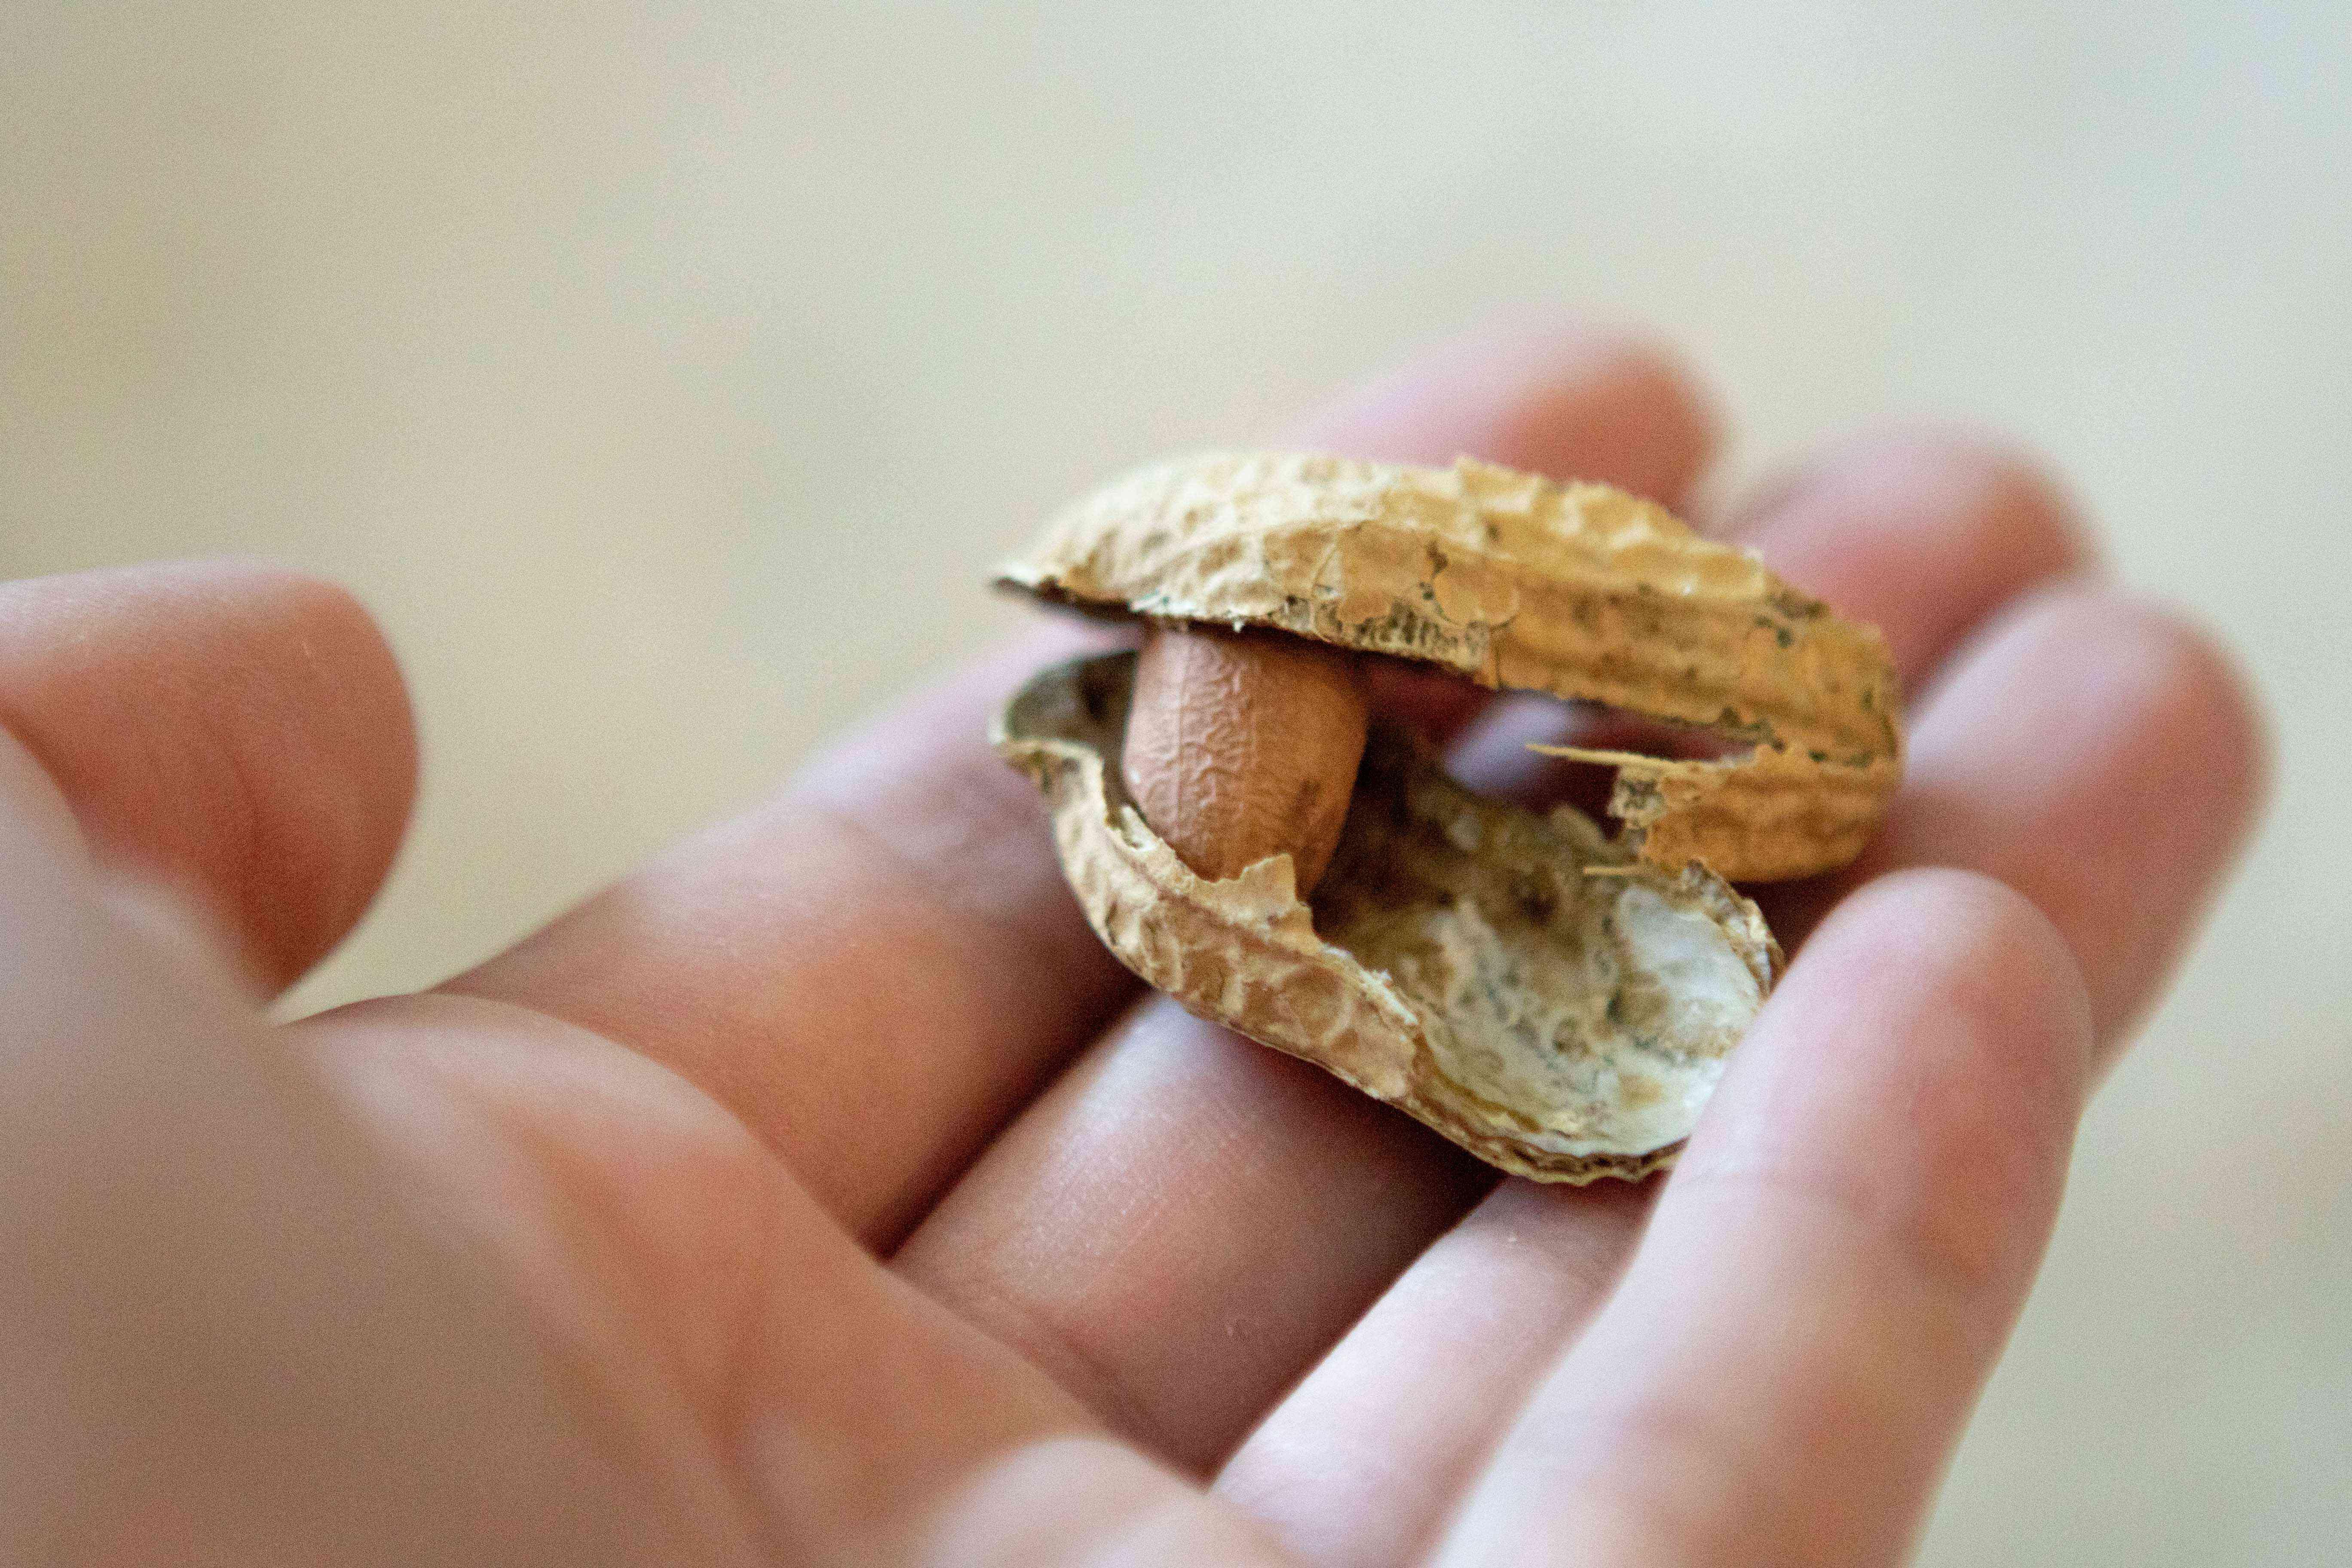 hand holds open peanut still in shell